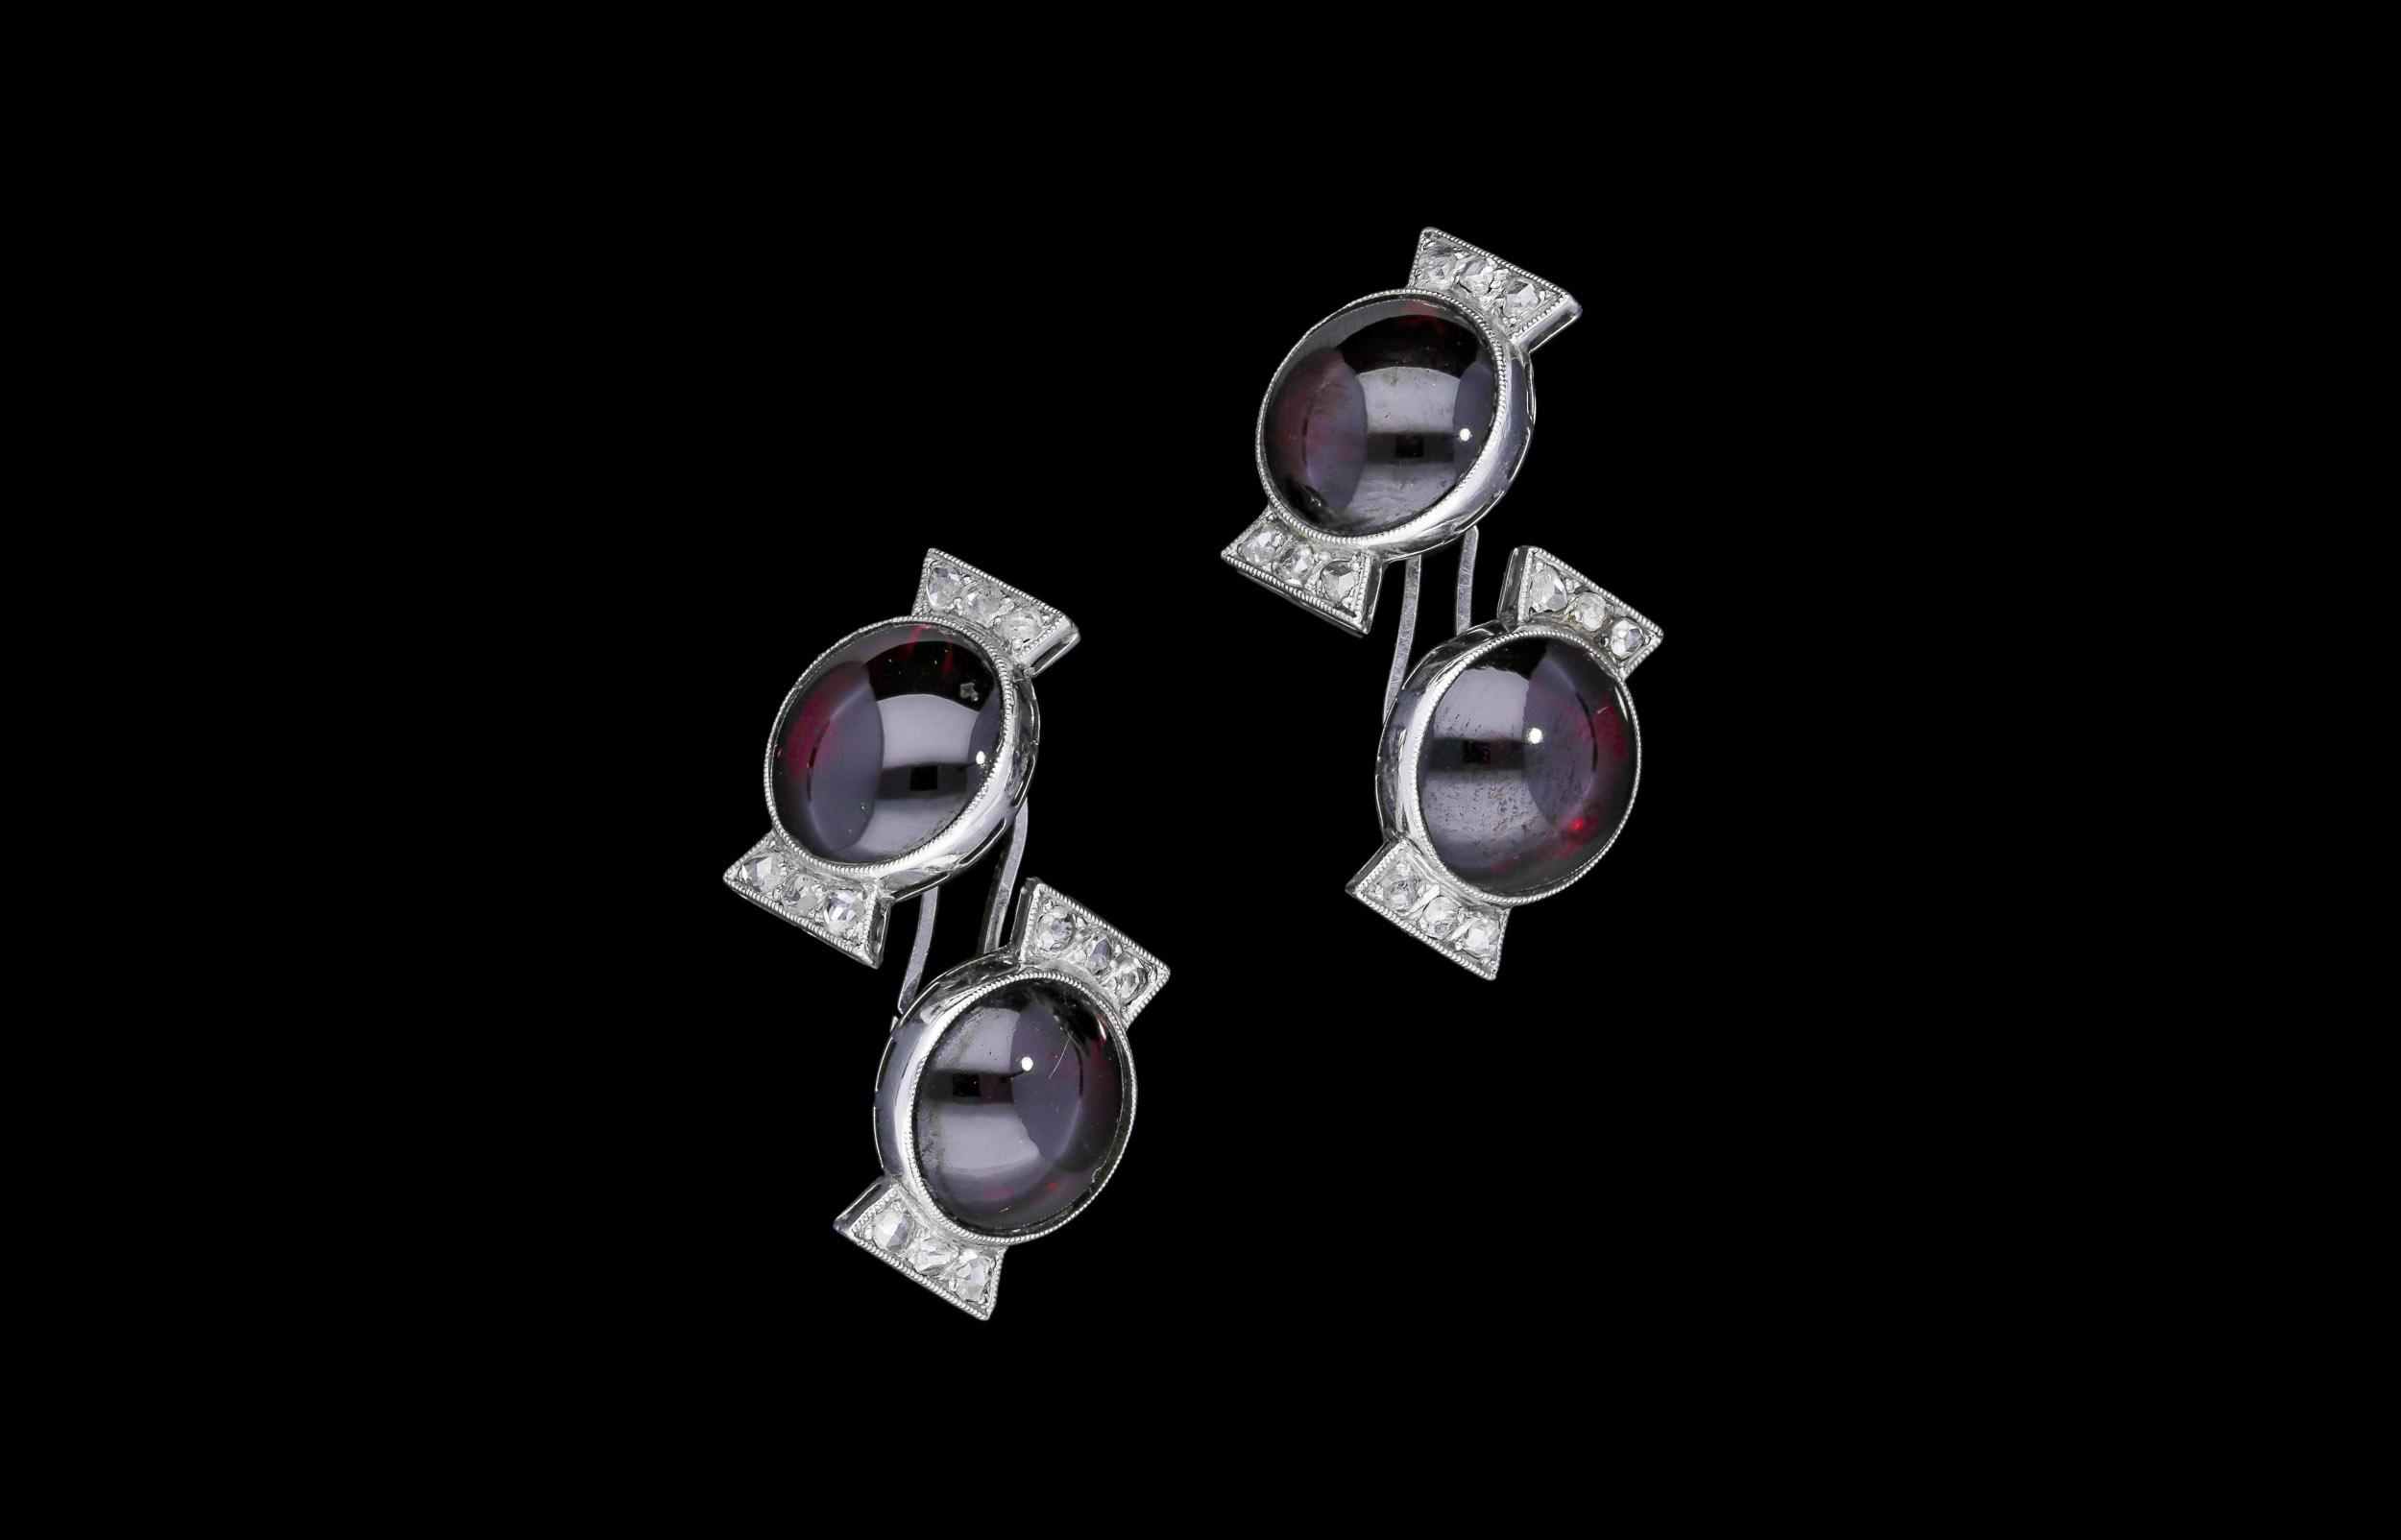 A French Art Deco bon-bon cufflinks | £2850